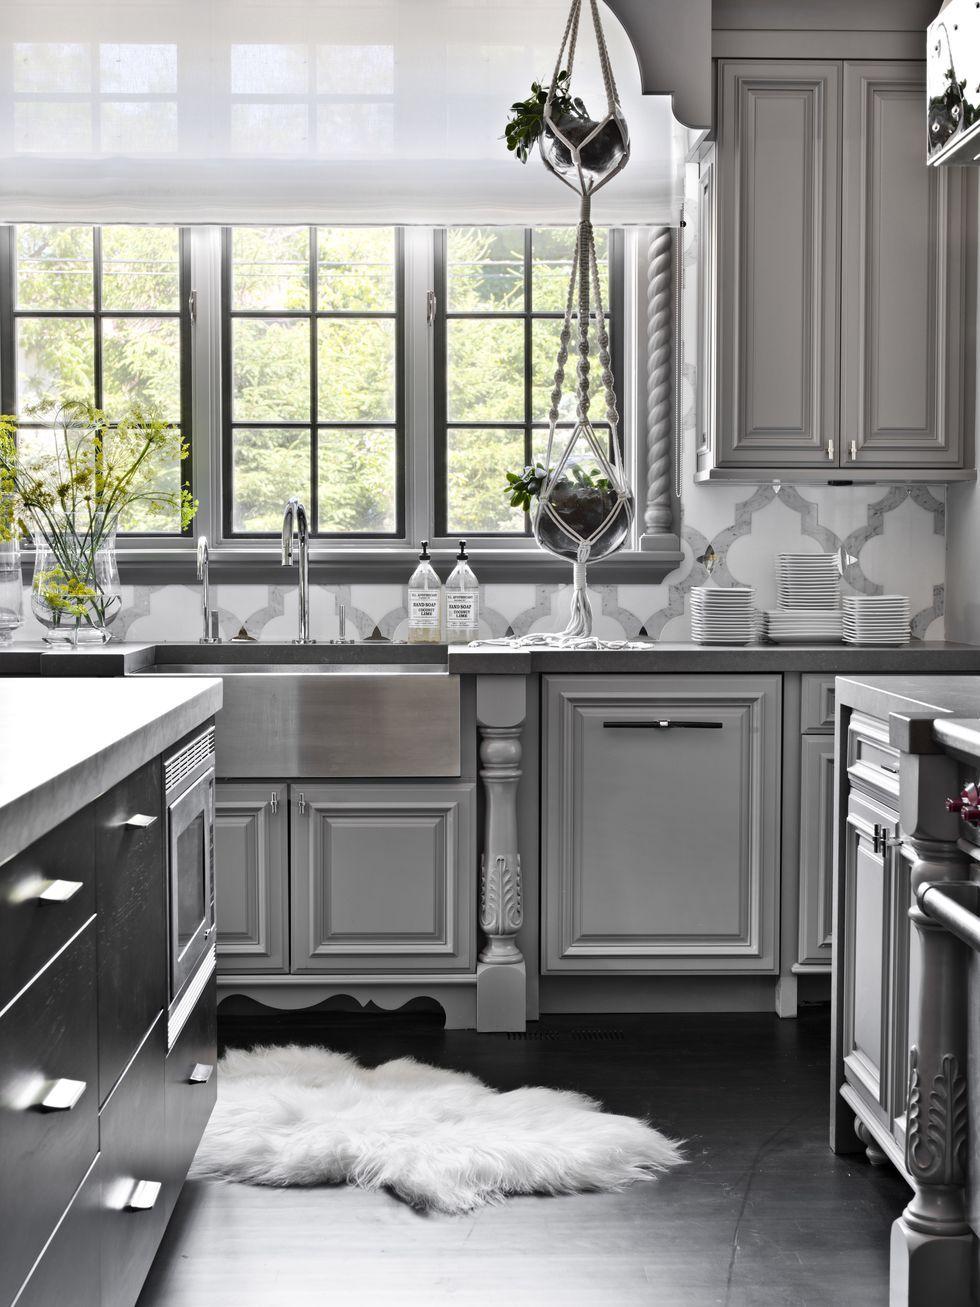 14 best grey kitchen cabinets design ideas with grey cabinets rh elledecor com grey cabinets kitchen backsplash grey cabinet kitchen images